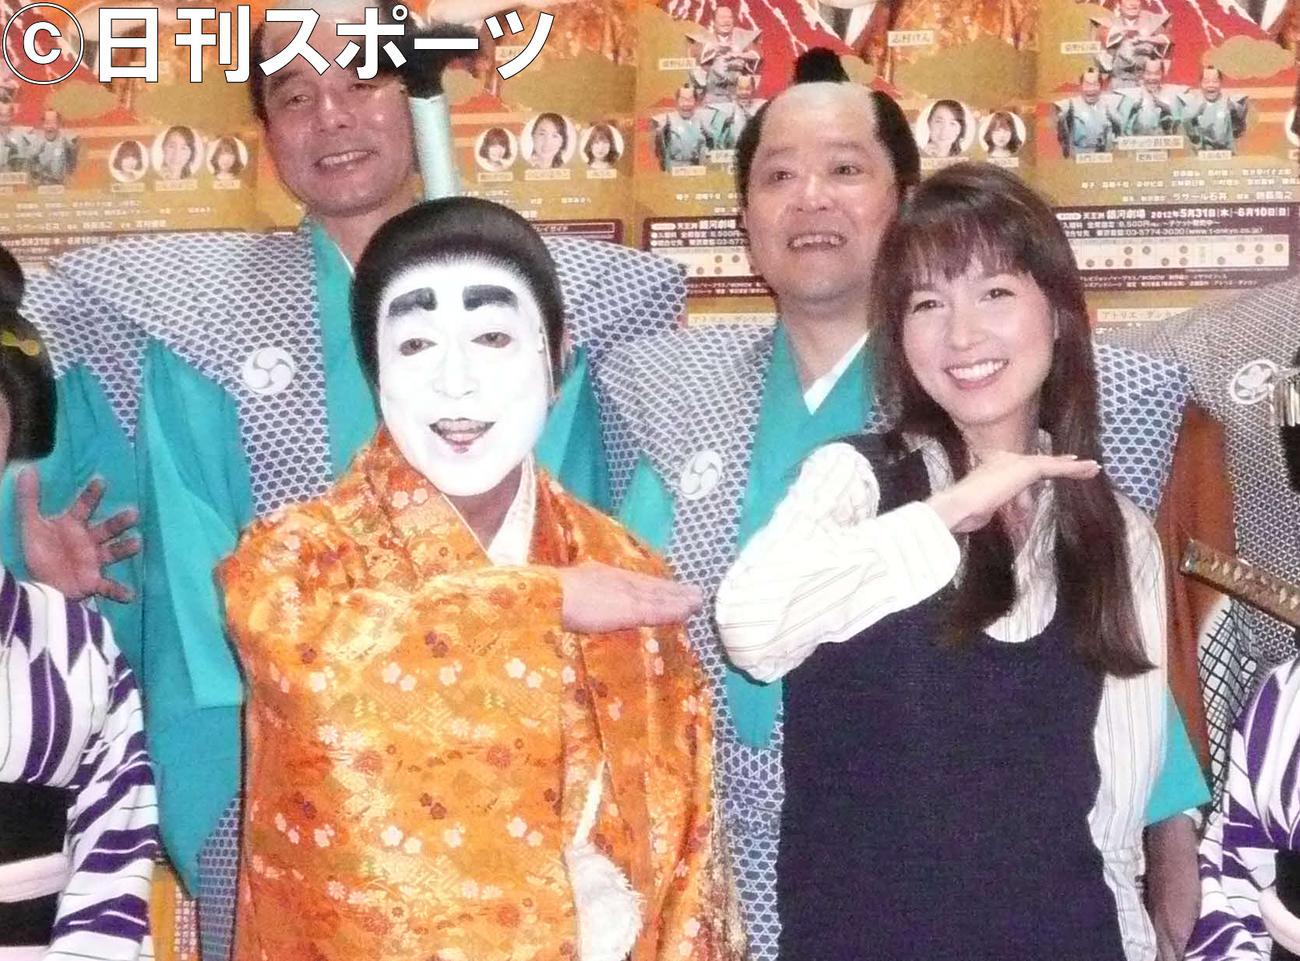 舞台「志村魂」会見を行った志村けんさん(左)、いしのようこら(2012年5月31日撮影)